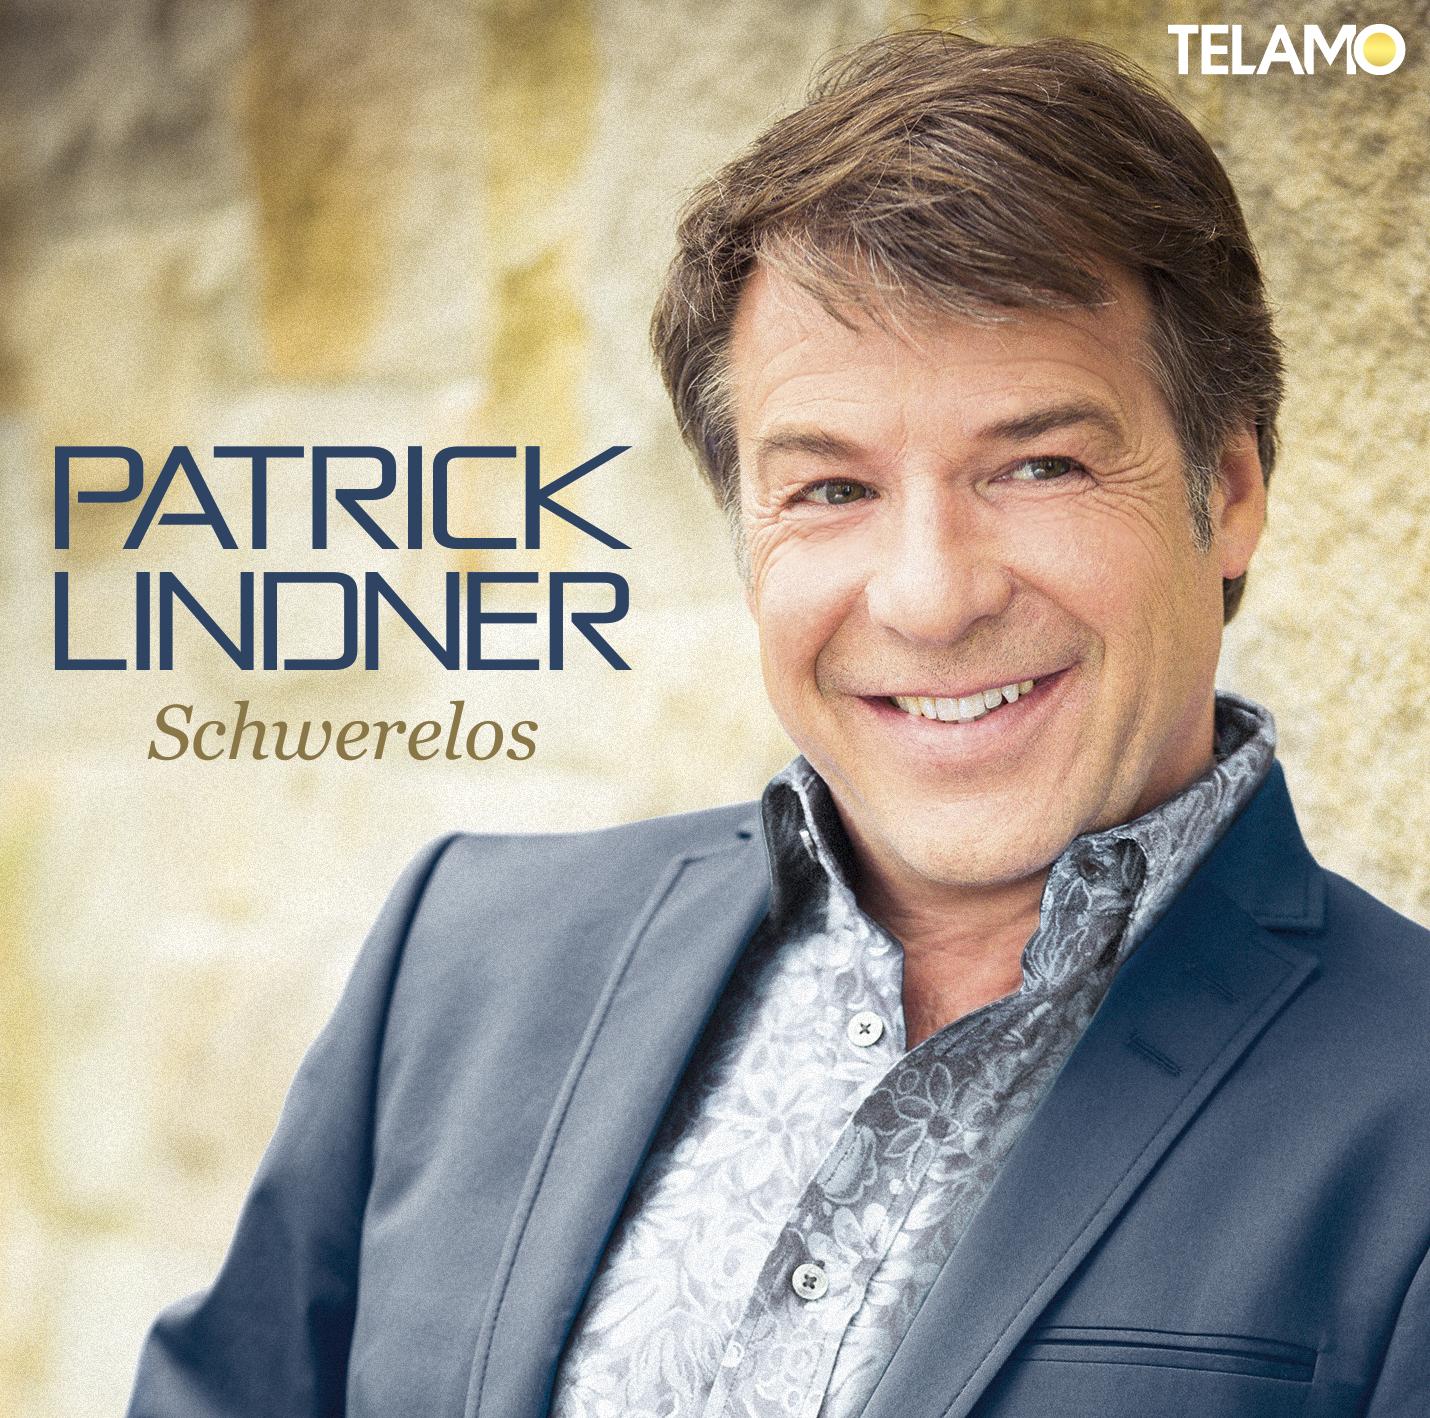 Patrick Lindner Toller Quoten Erfolg Für Seine Meine Schlagerwelt